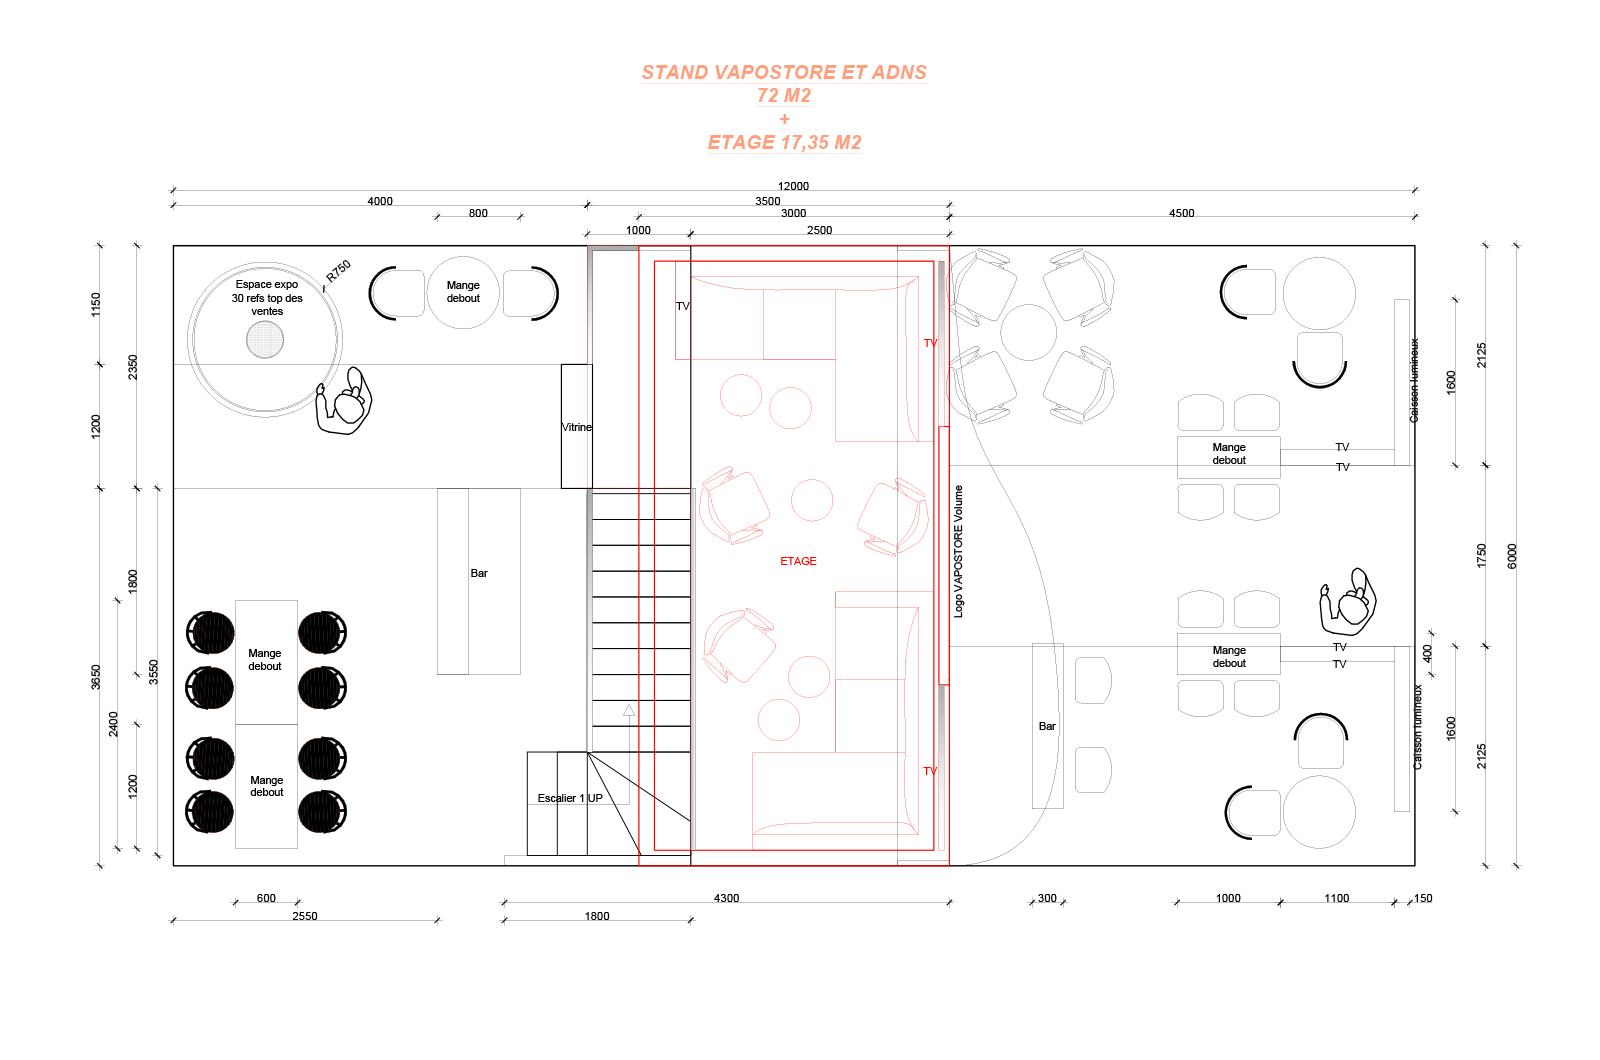 Plan projeté d'agencement / d'aménagement